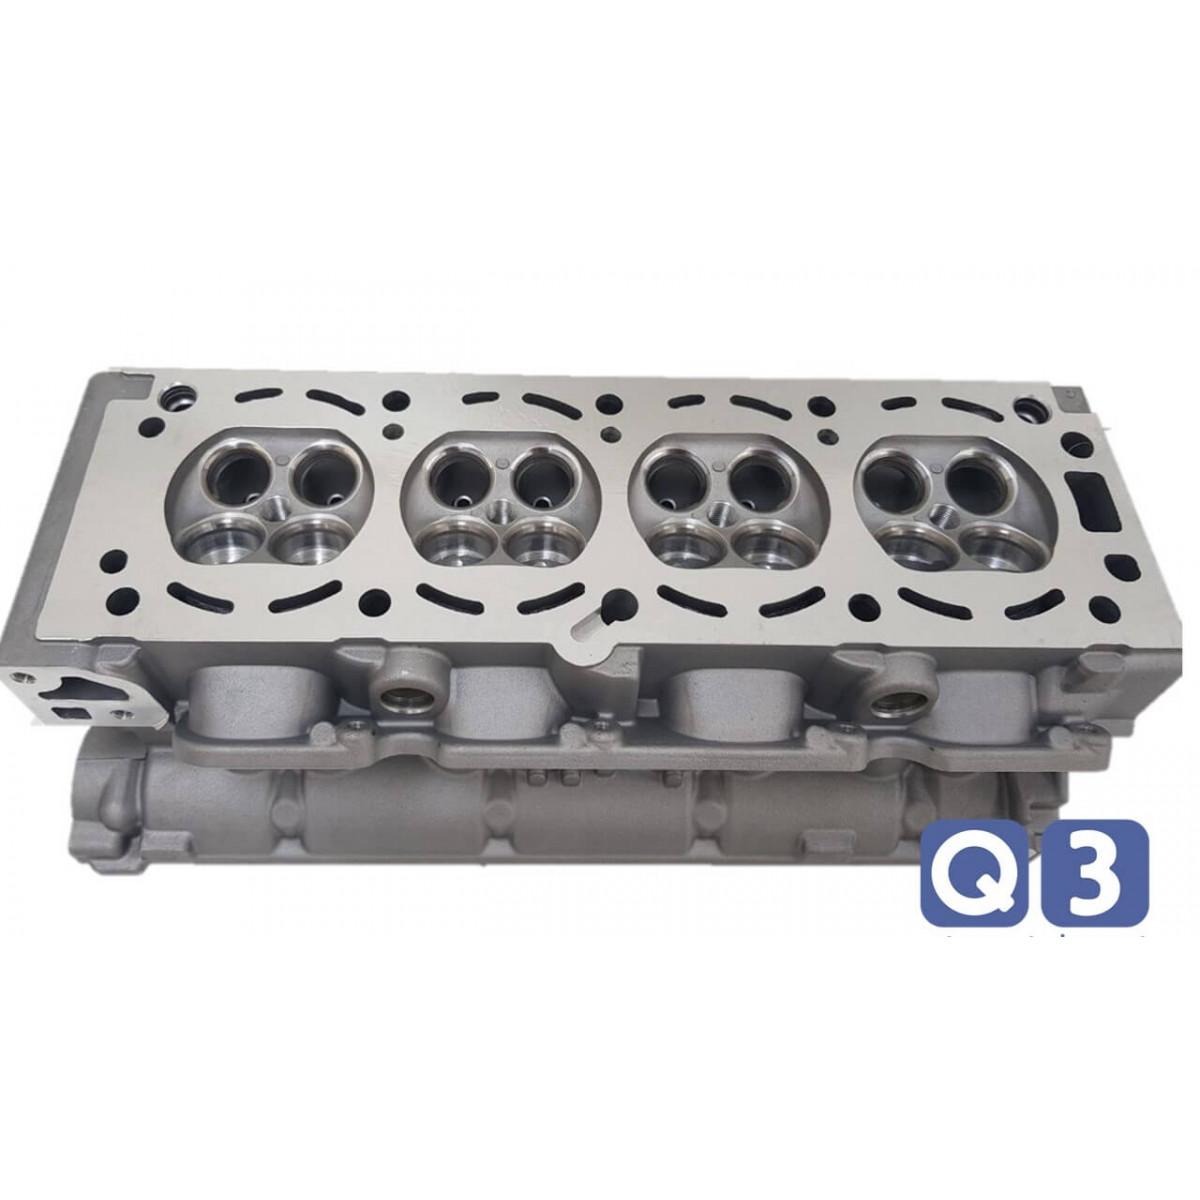 Cabeçote GM Astra/Vectra/Zafira 2.0 / 2.2 / 2.4 16V Novo